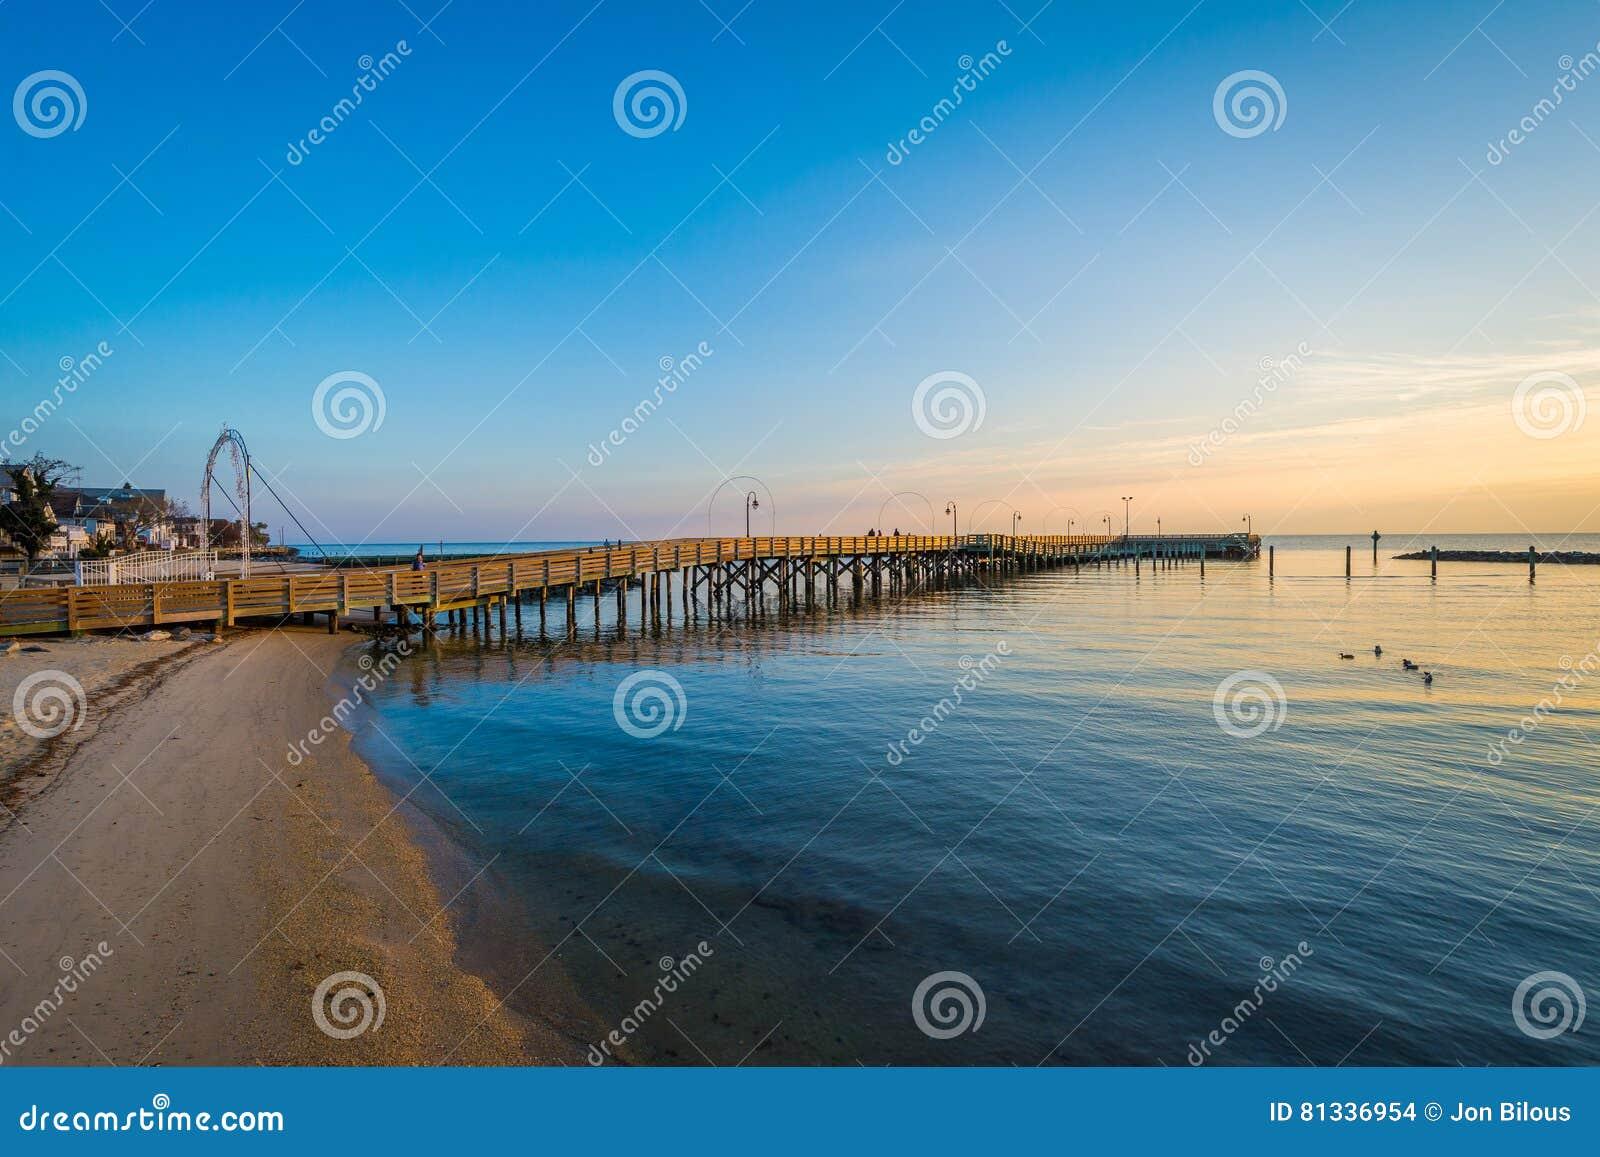 Pilastro di pesca e la baia di Chesapeake ad alba, in spiaggia del nord,